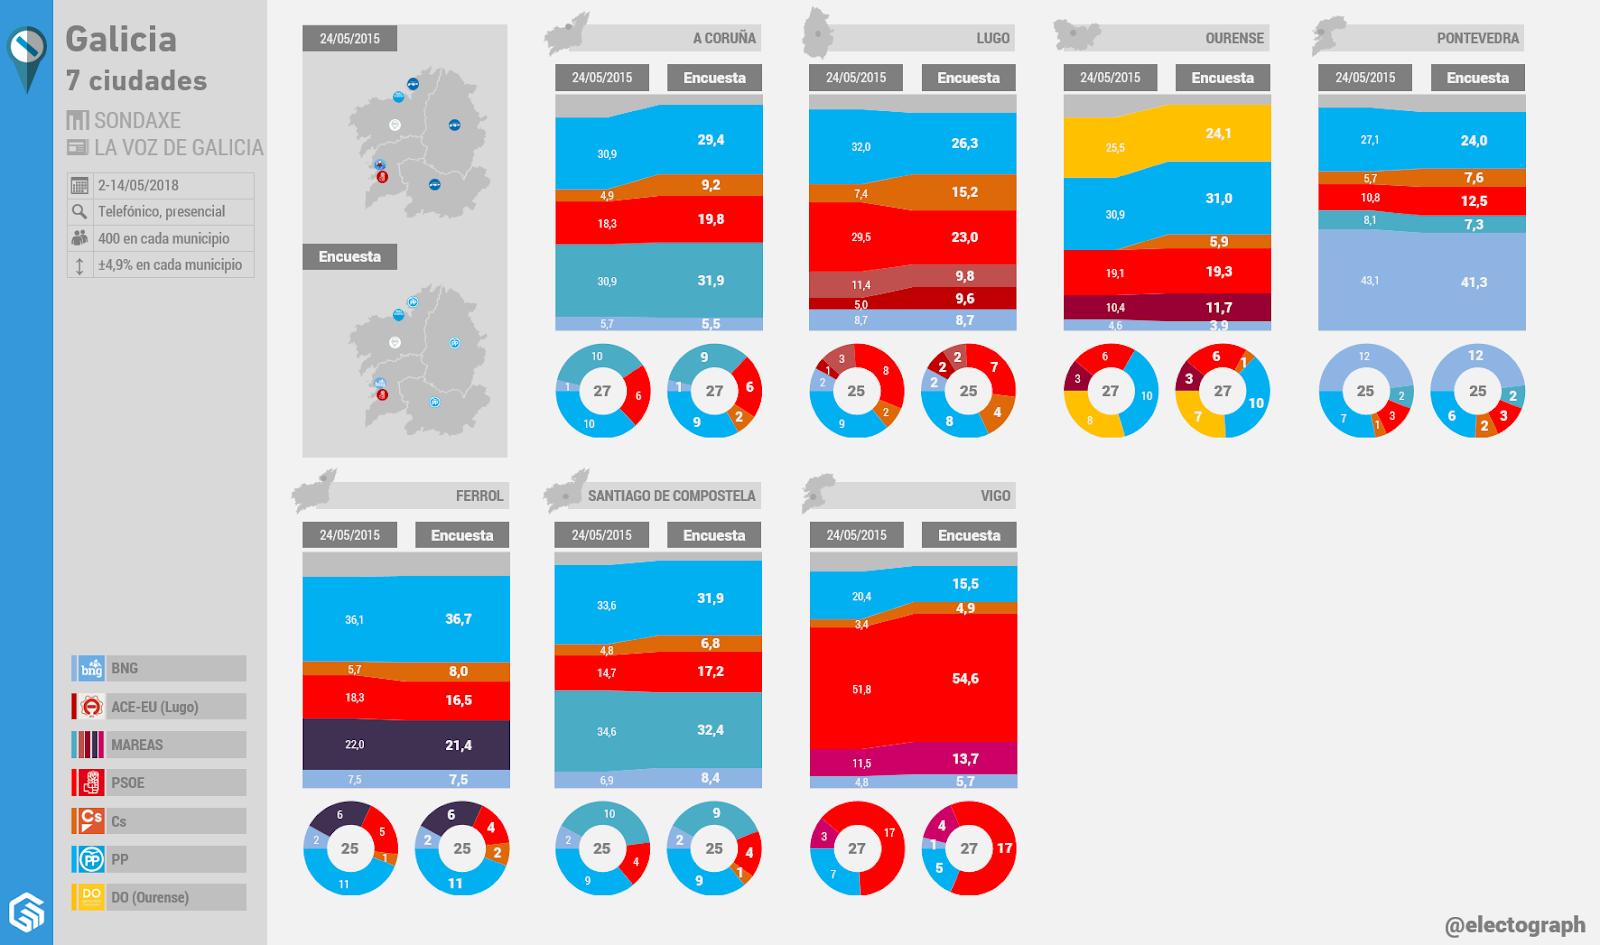 Gráfico de la encuesta para elecciones municipales en las 7 ciudades de Galicia realizada por Sondaxe para La Voz de Galicia en mayo de 2018